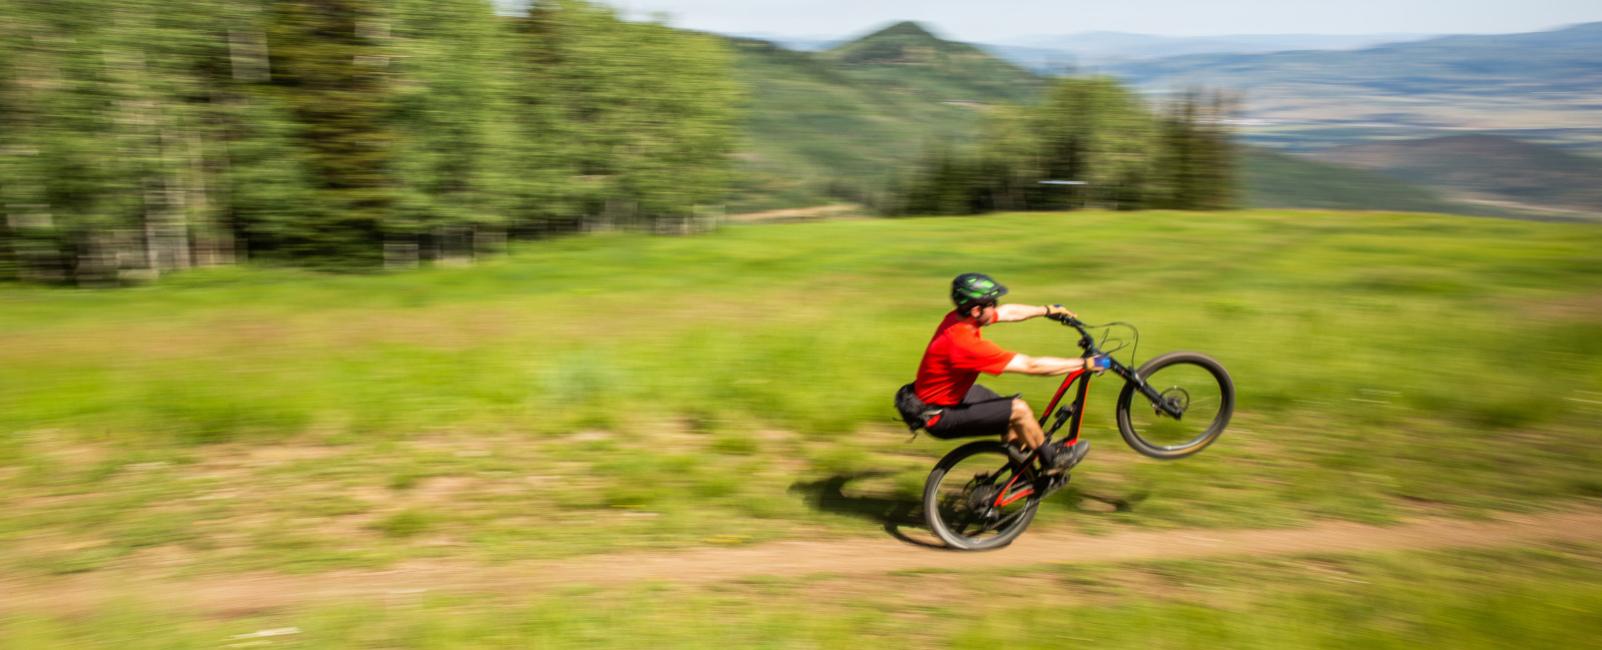 Top 10 eMTB-Friendly Trails in Utah